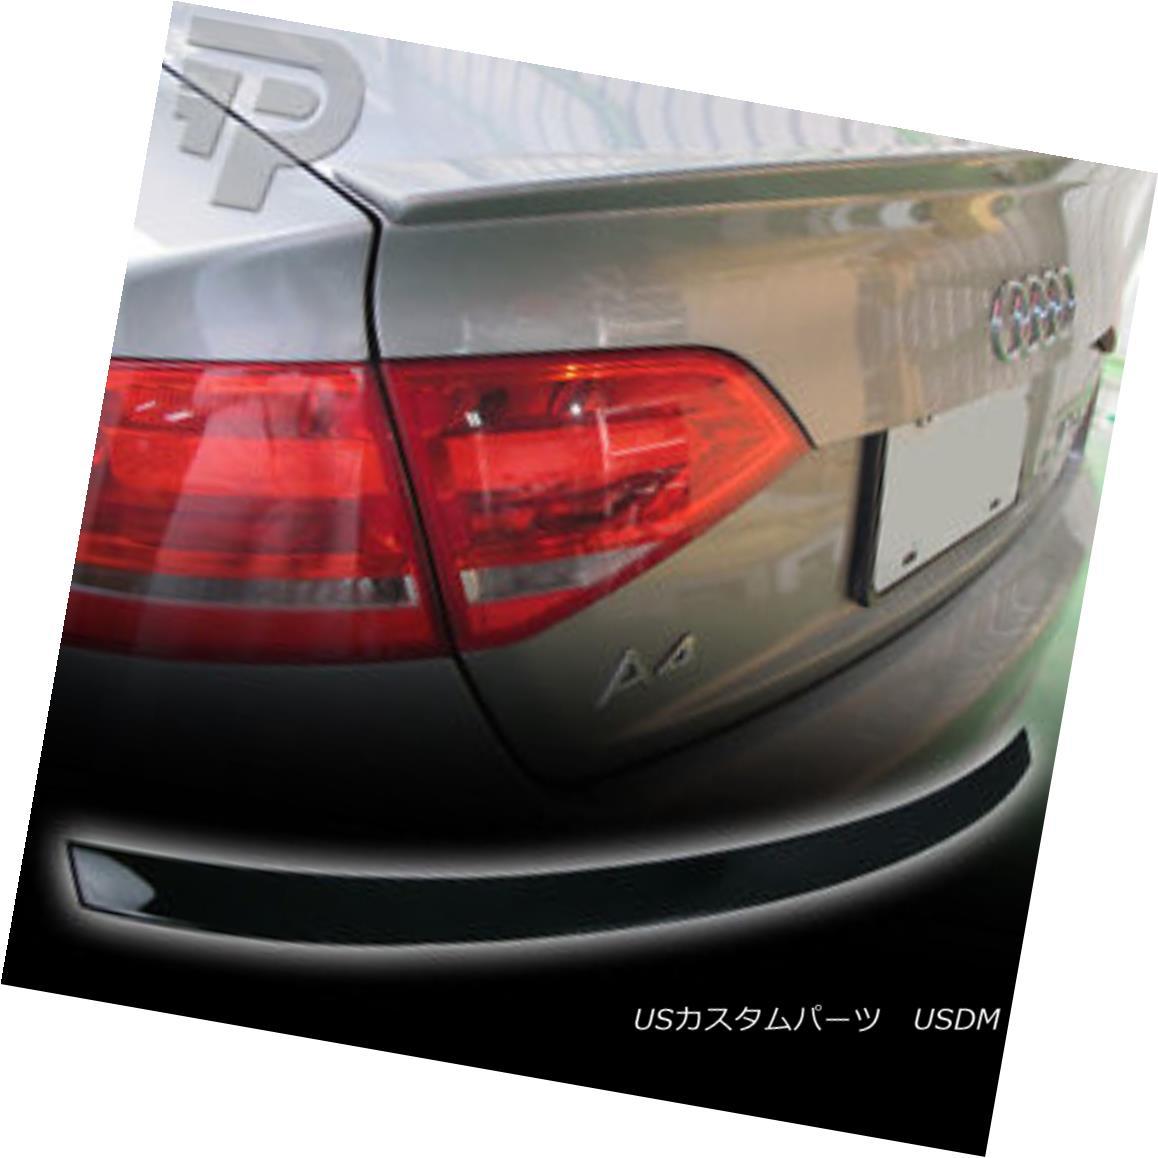 エアロパーツ PAINTED AUDI A4 B8 RS TYPE TRUNK 09-12 REAR WING SPOILER ▼ 塗装AUDI A4 B8 RSタイプトランク09-12リアウイングスポイラー?